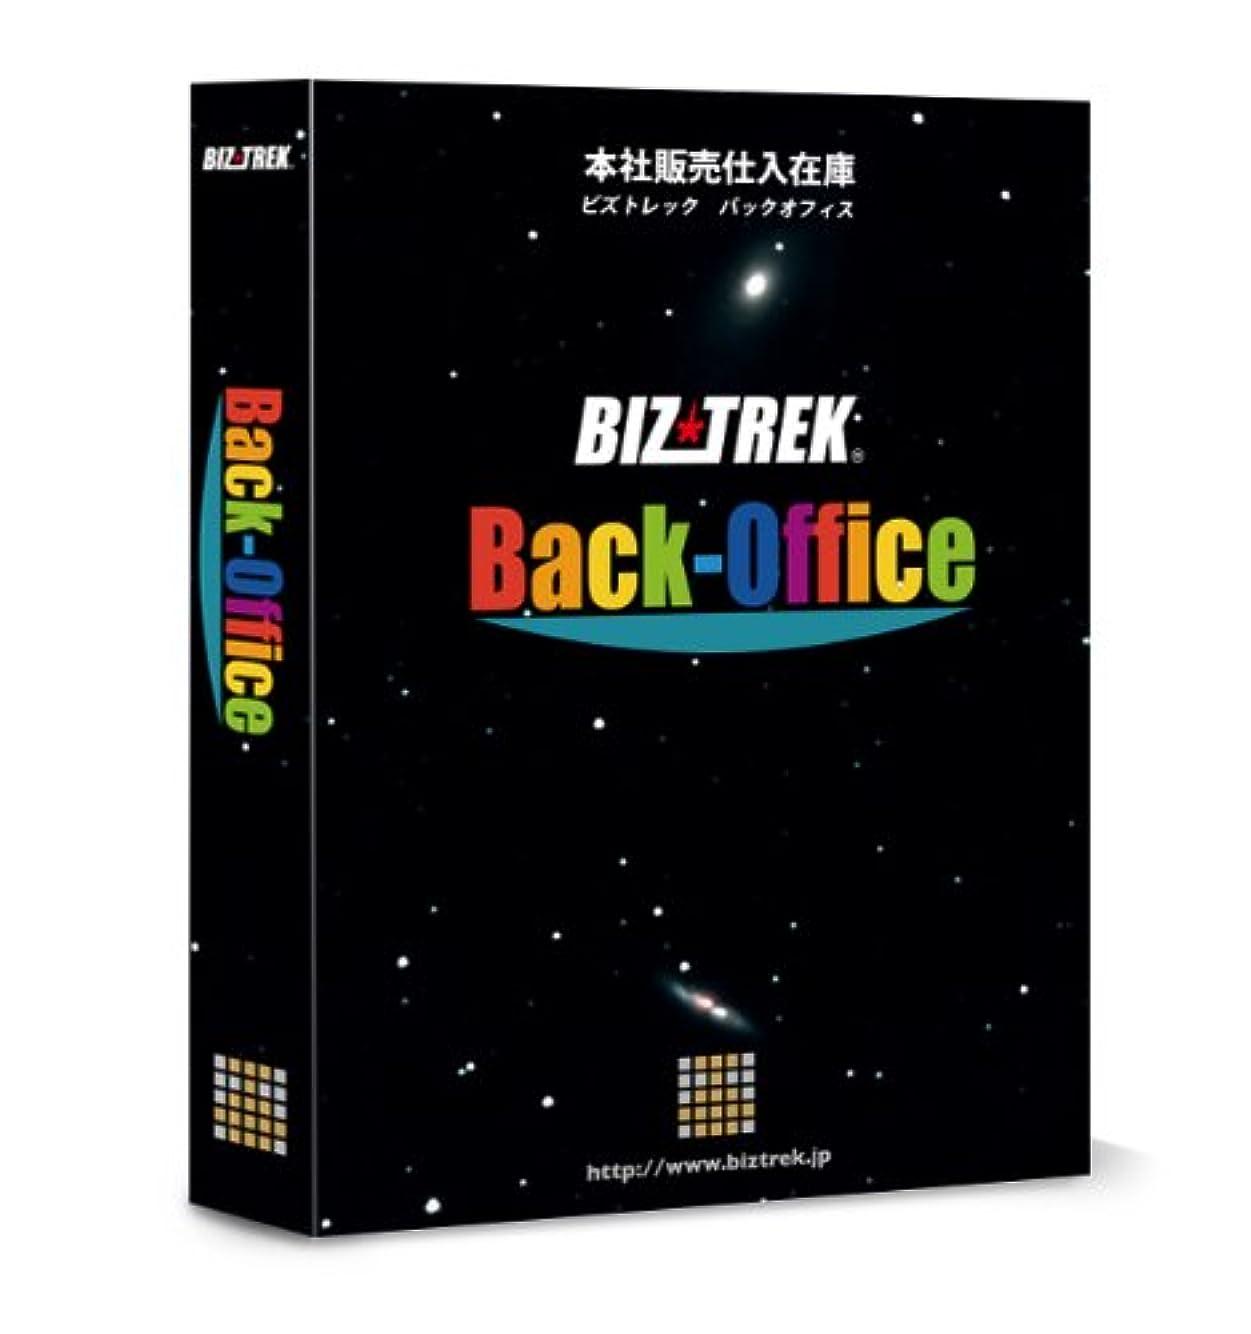 保存医療過誤契約BIZTREK BackOffice(ビズトレック?バックオフィス Win版) [DVD-ROM]